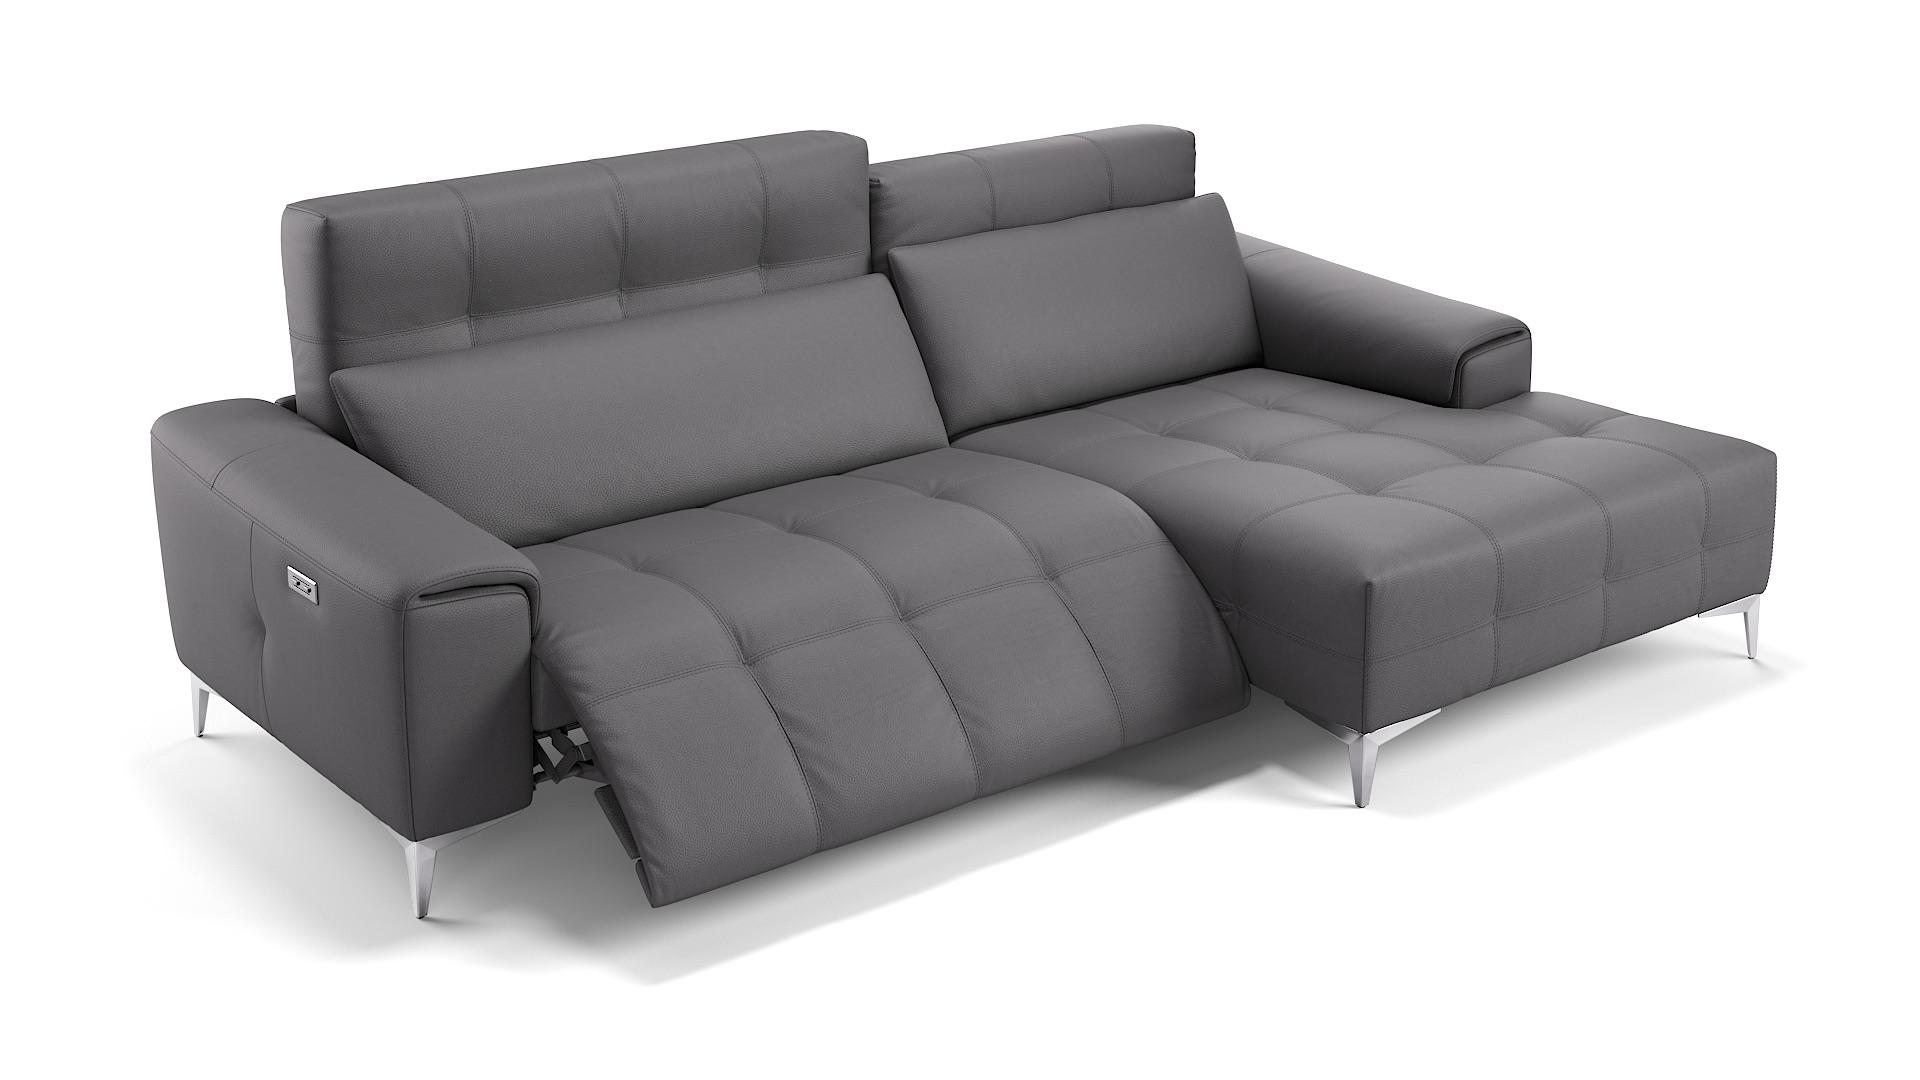 Full Size of Eck Sofa Italienische Couch Leder Salento Ecksofa Klein Sofanella Deckenleuchte Schlafzimmer Modern Hussen Weißes Wildleder 2 Sitzer Mit Relaxfunktion Grau Sofa Eck Sofa